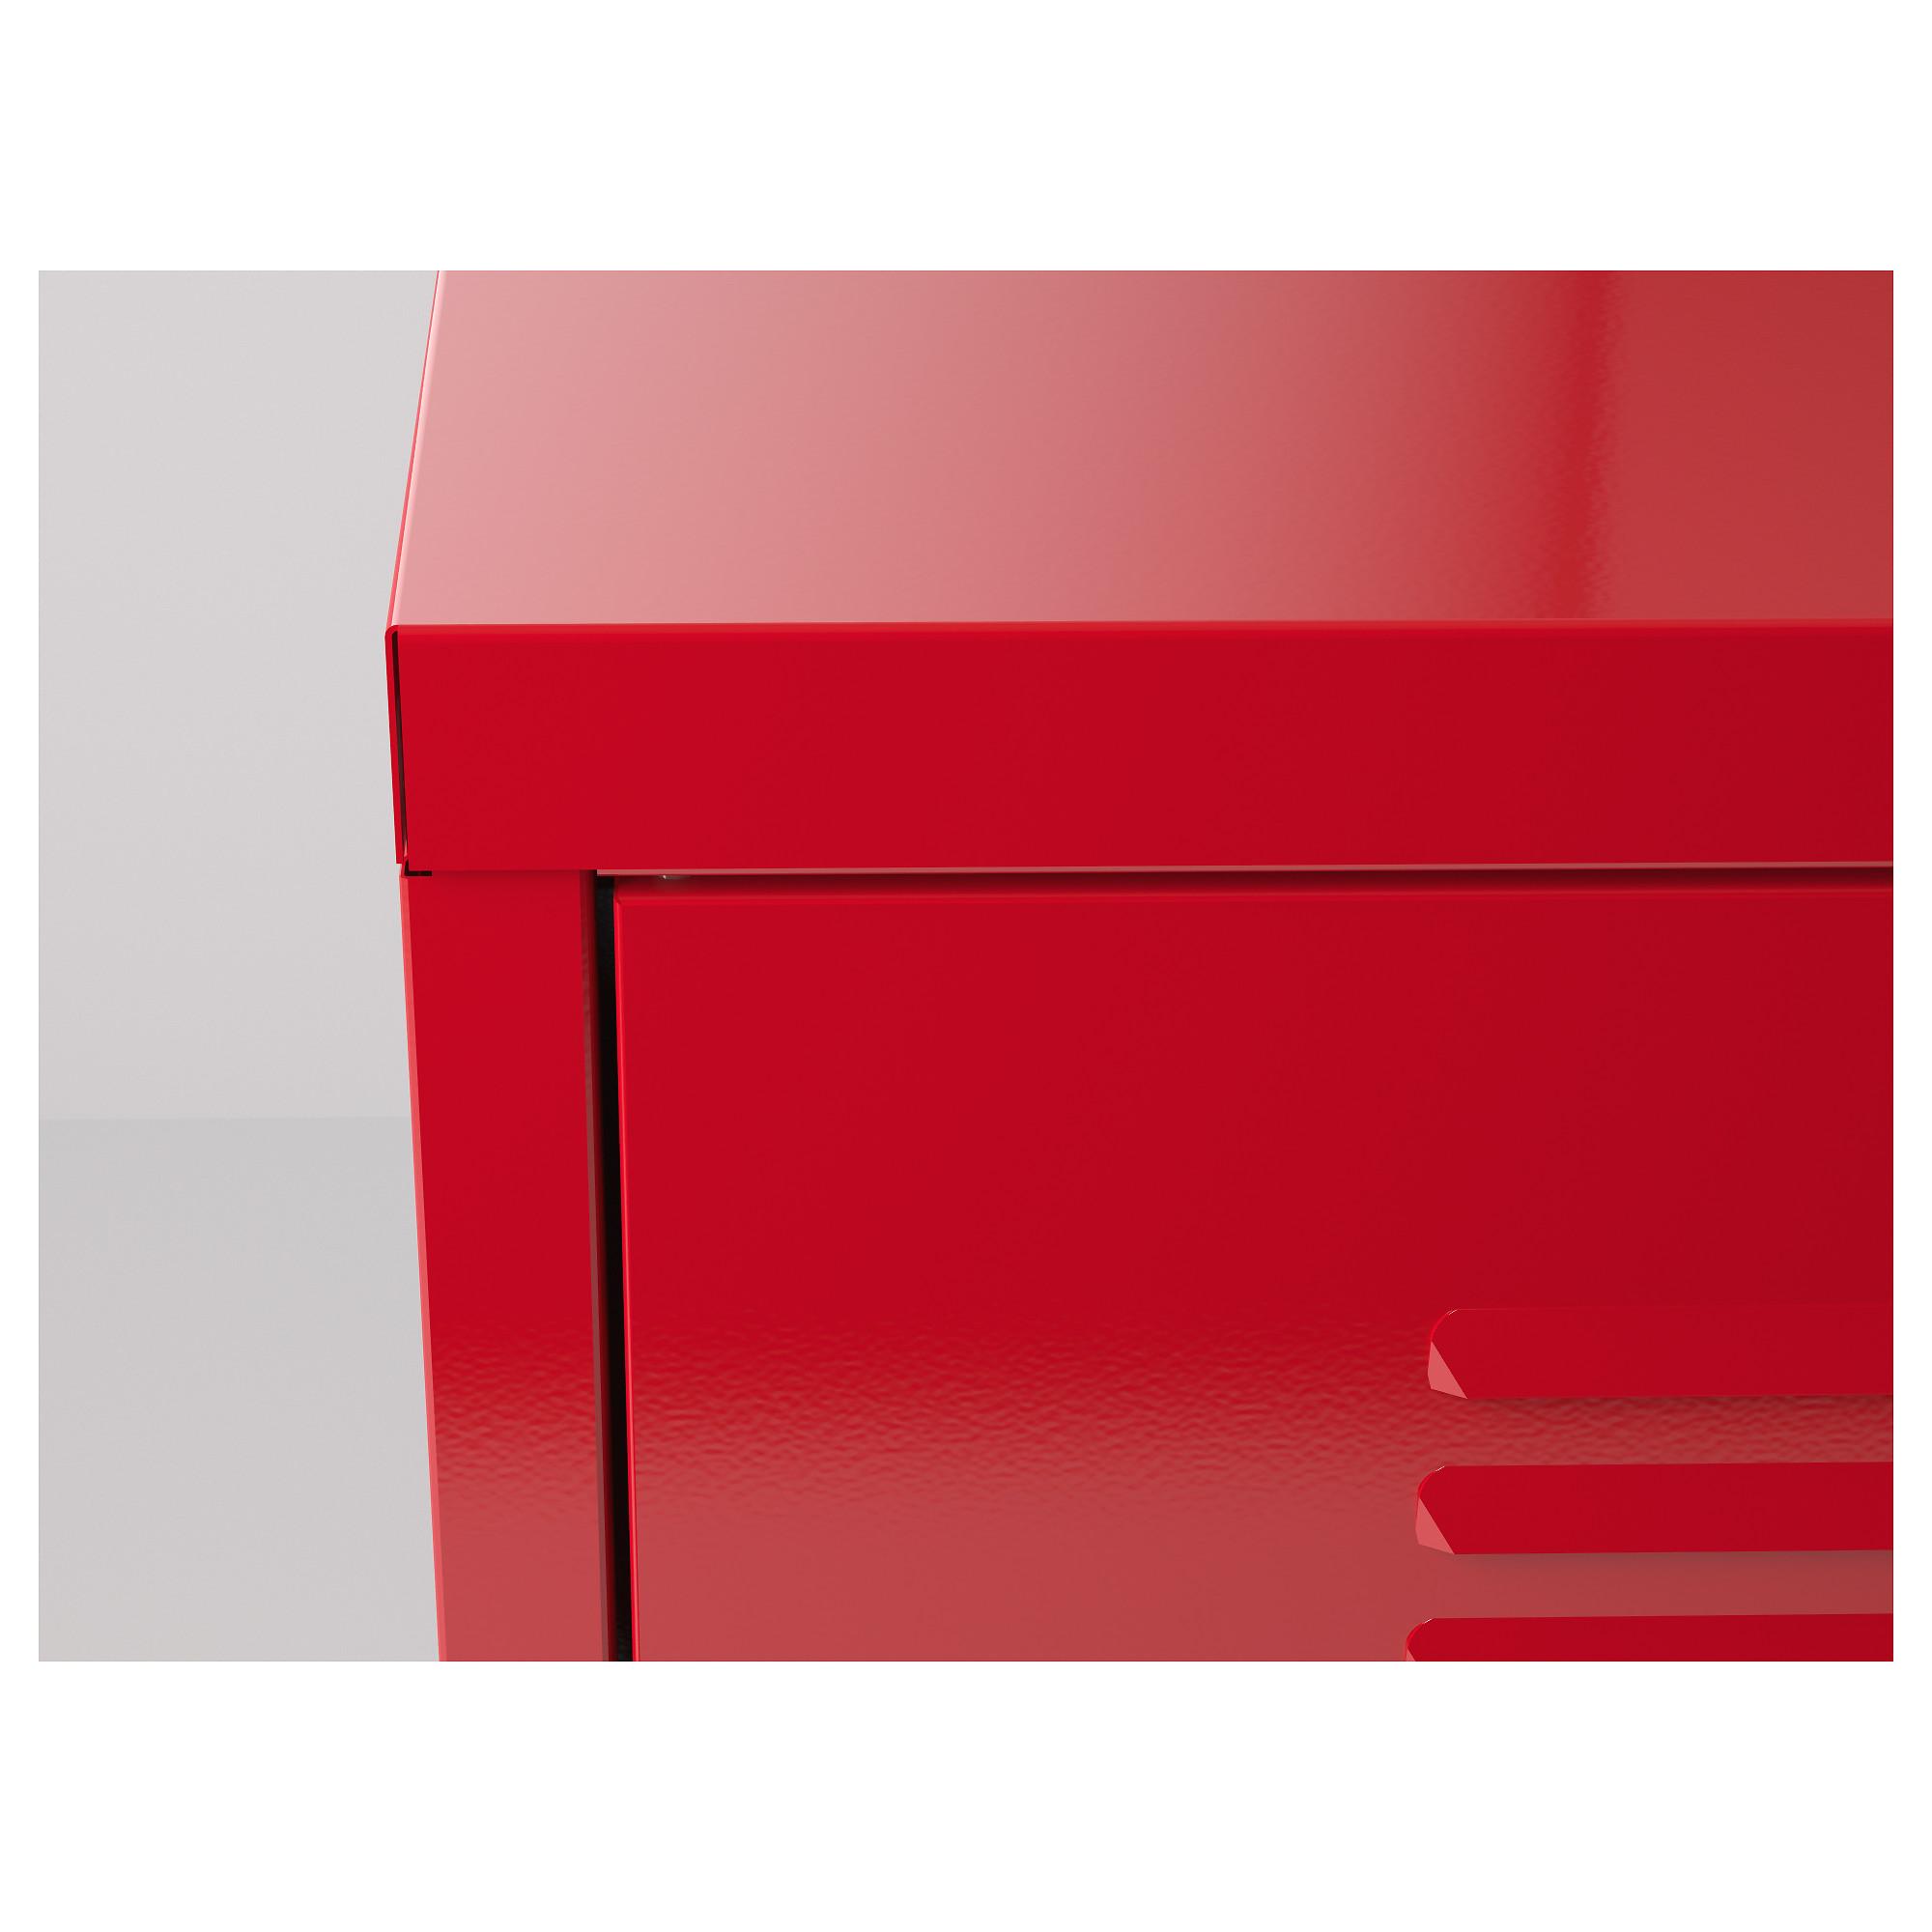 Шкаф ИКЕА ПС красный артикуль № 203.842.76 в наличии. Интернет сайт IKEA Минск. Недорогая доставка и установка.